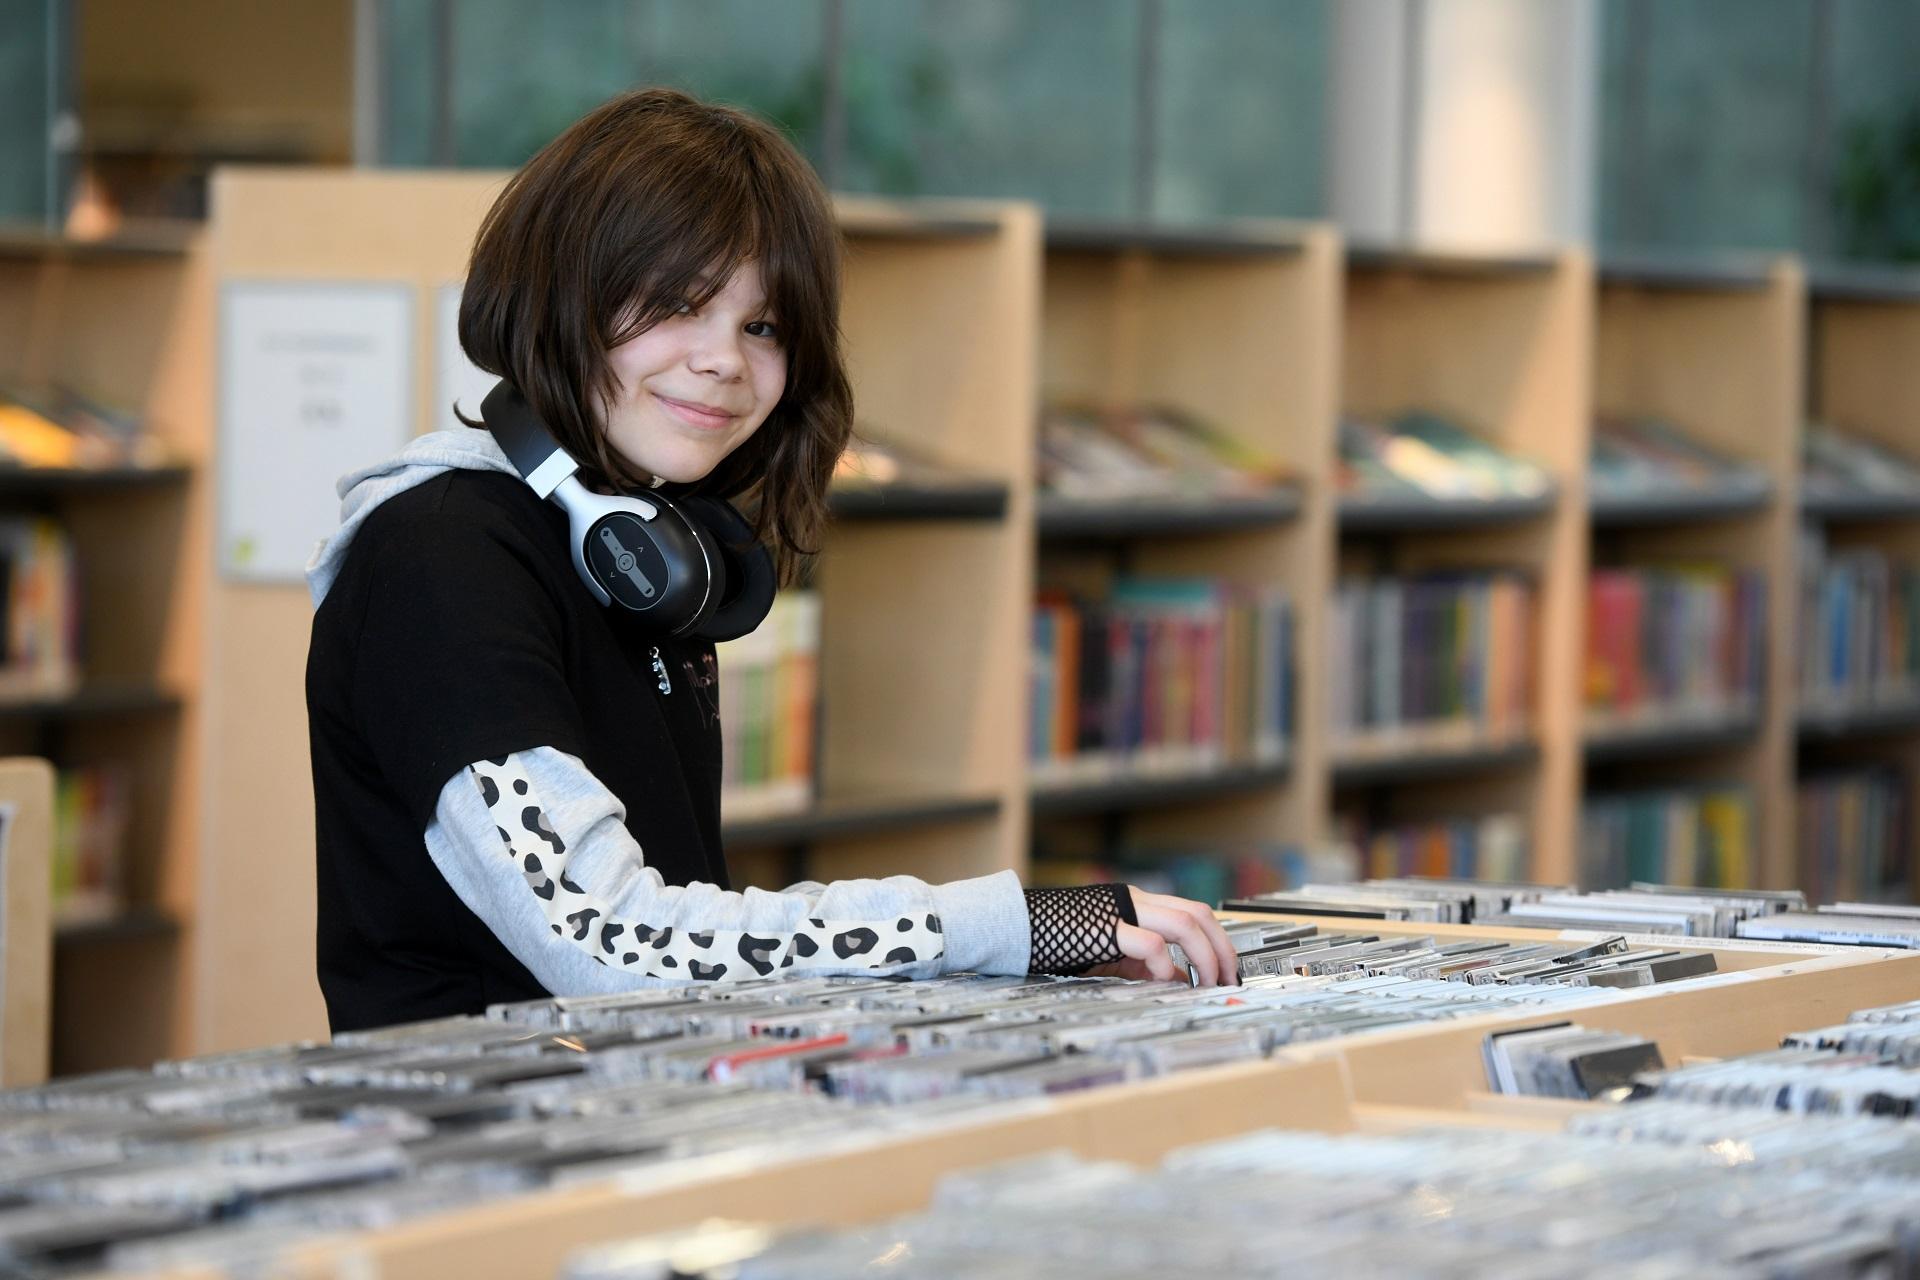 Nuori tyttö selailee kirjastossa cd-levyjä.